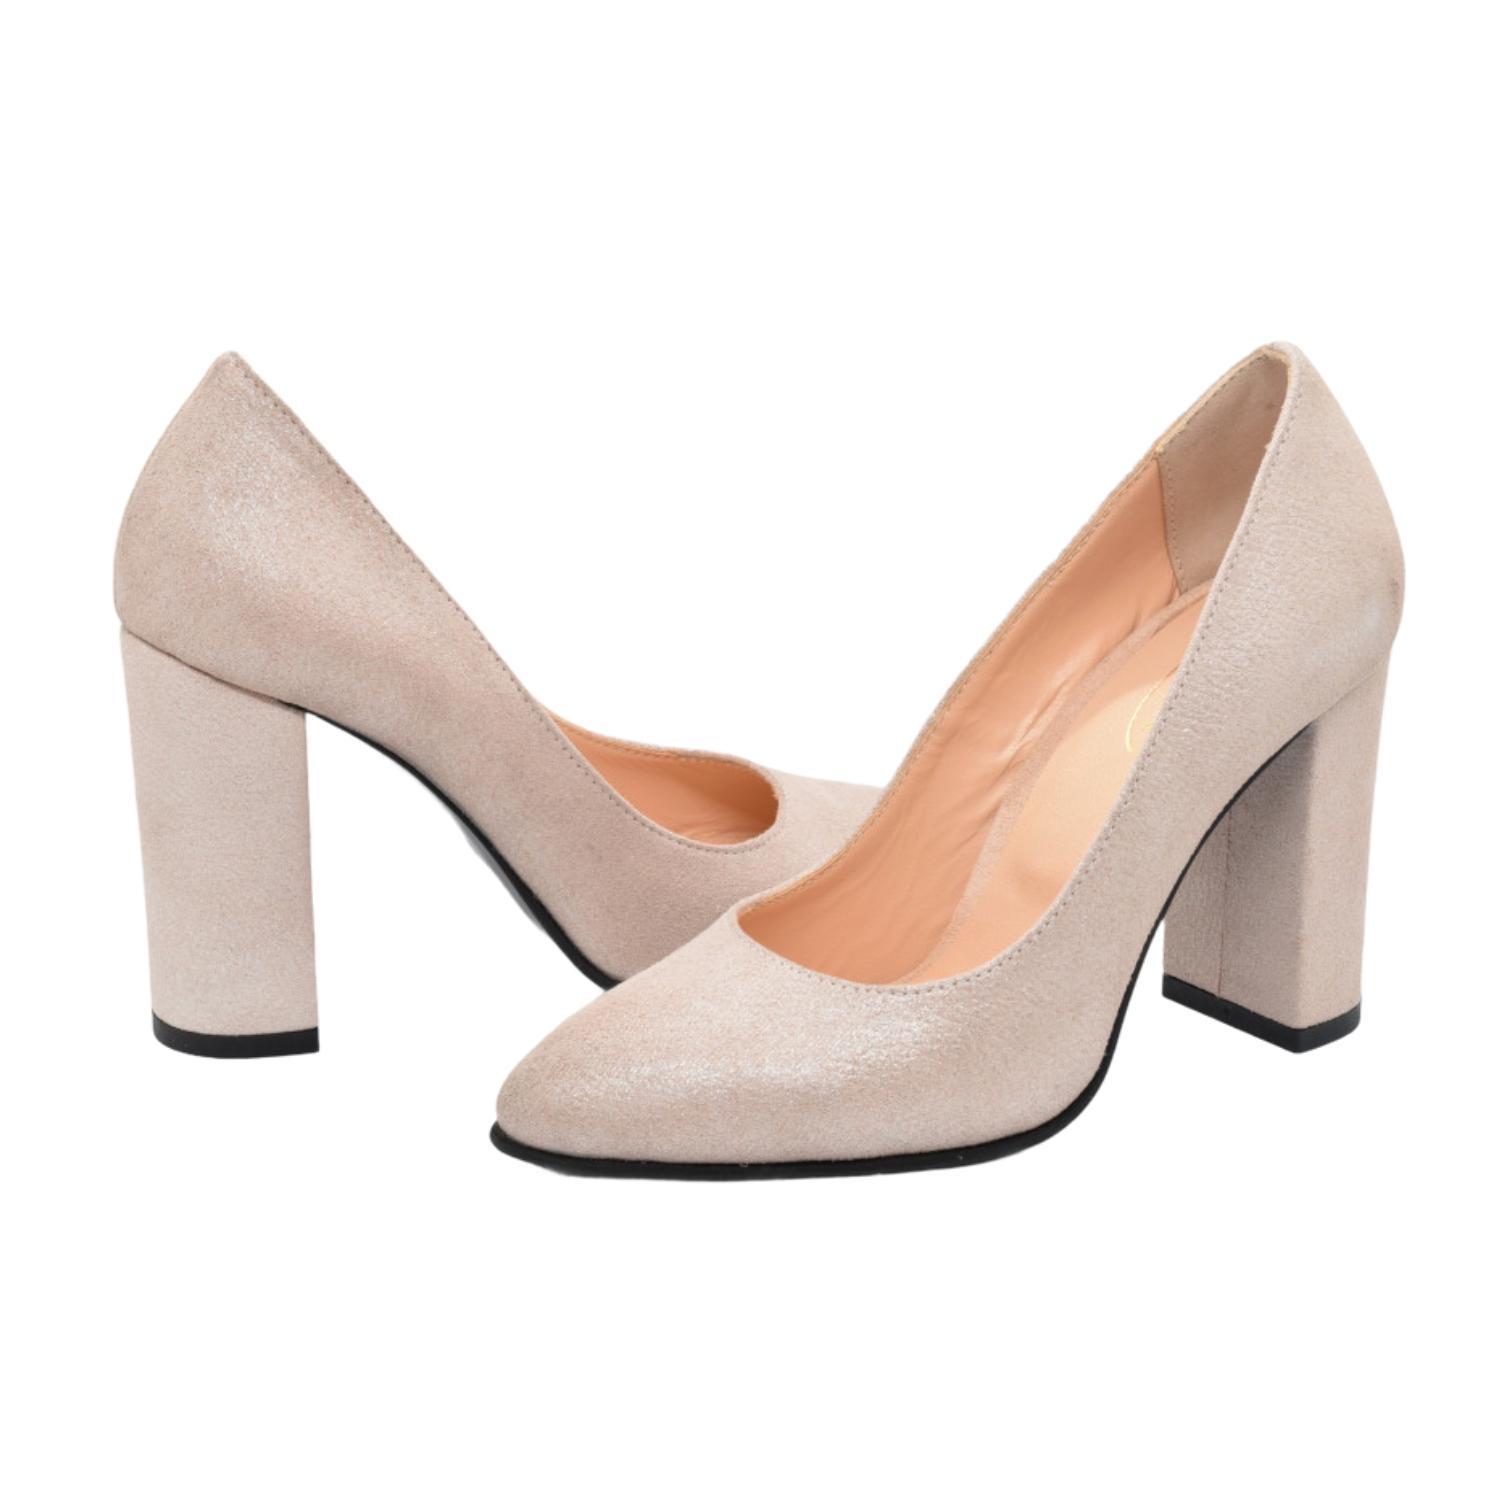 Pantofi nude sclipitori